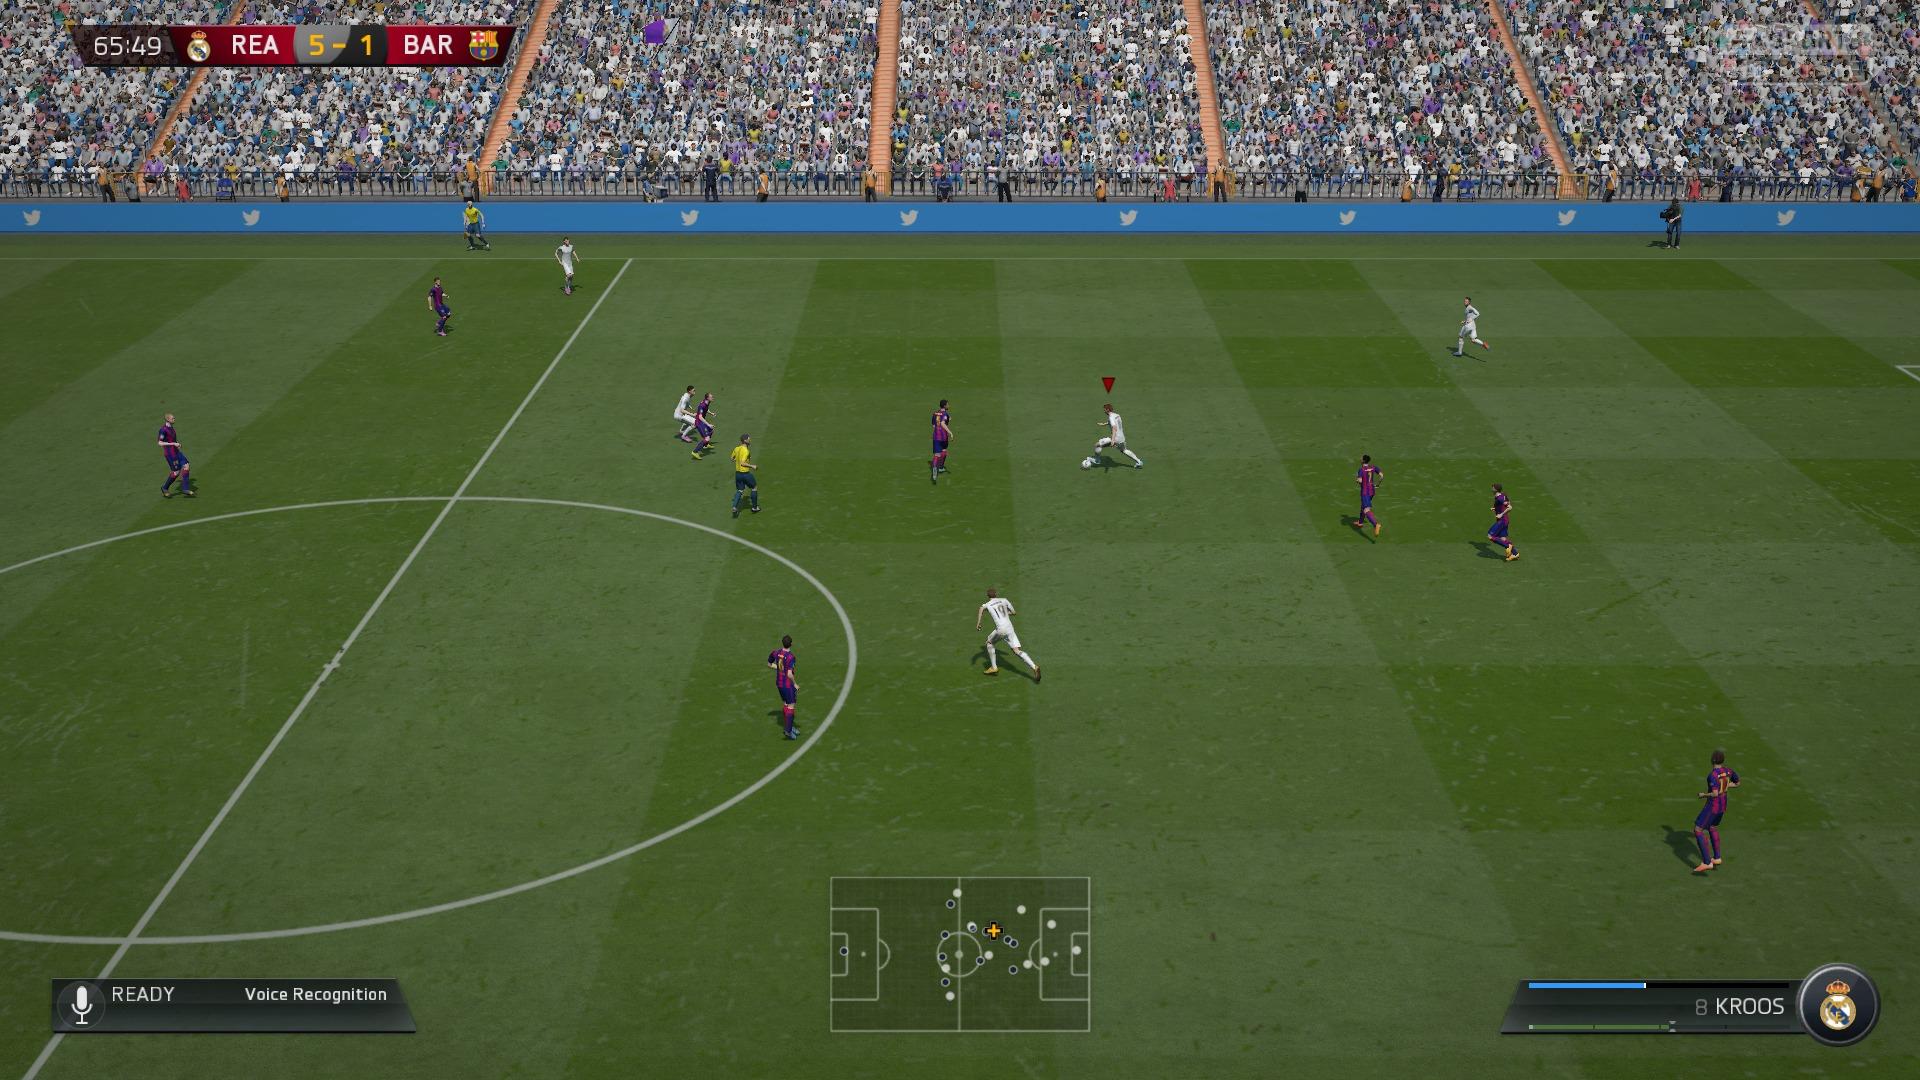 FIFA 15 Kick Off 5-1 REA V BAR, 2nd Half